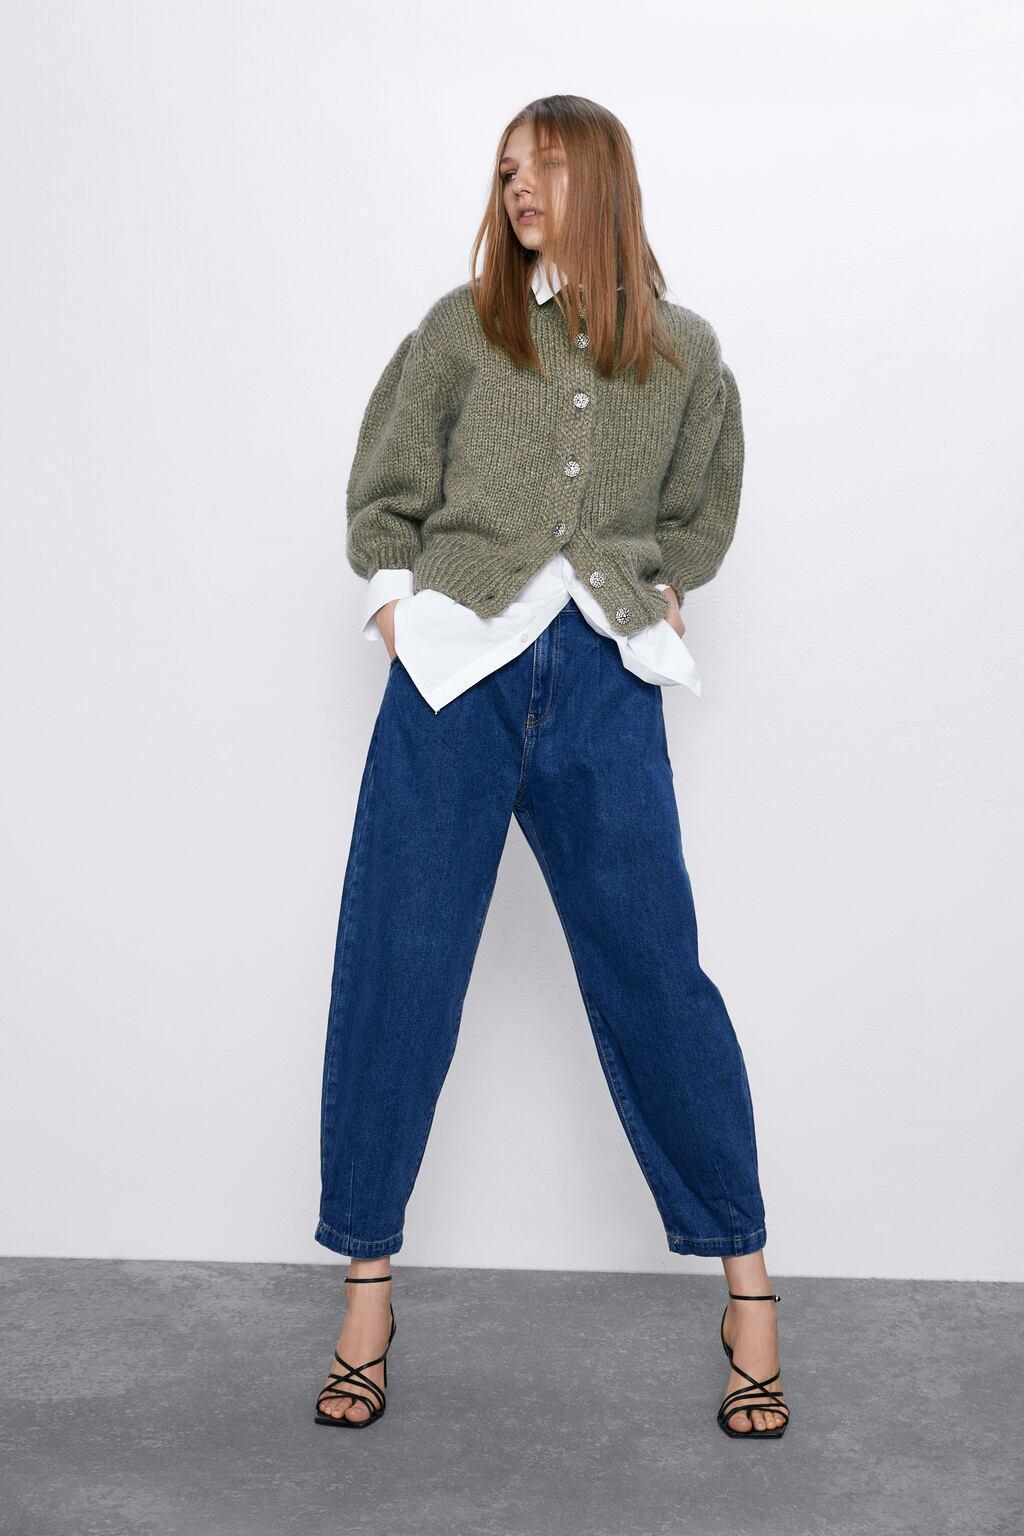 Отзыв на Z1975 Аутентичные Напуском Джинсы из Интернет-Магазина Zara